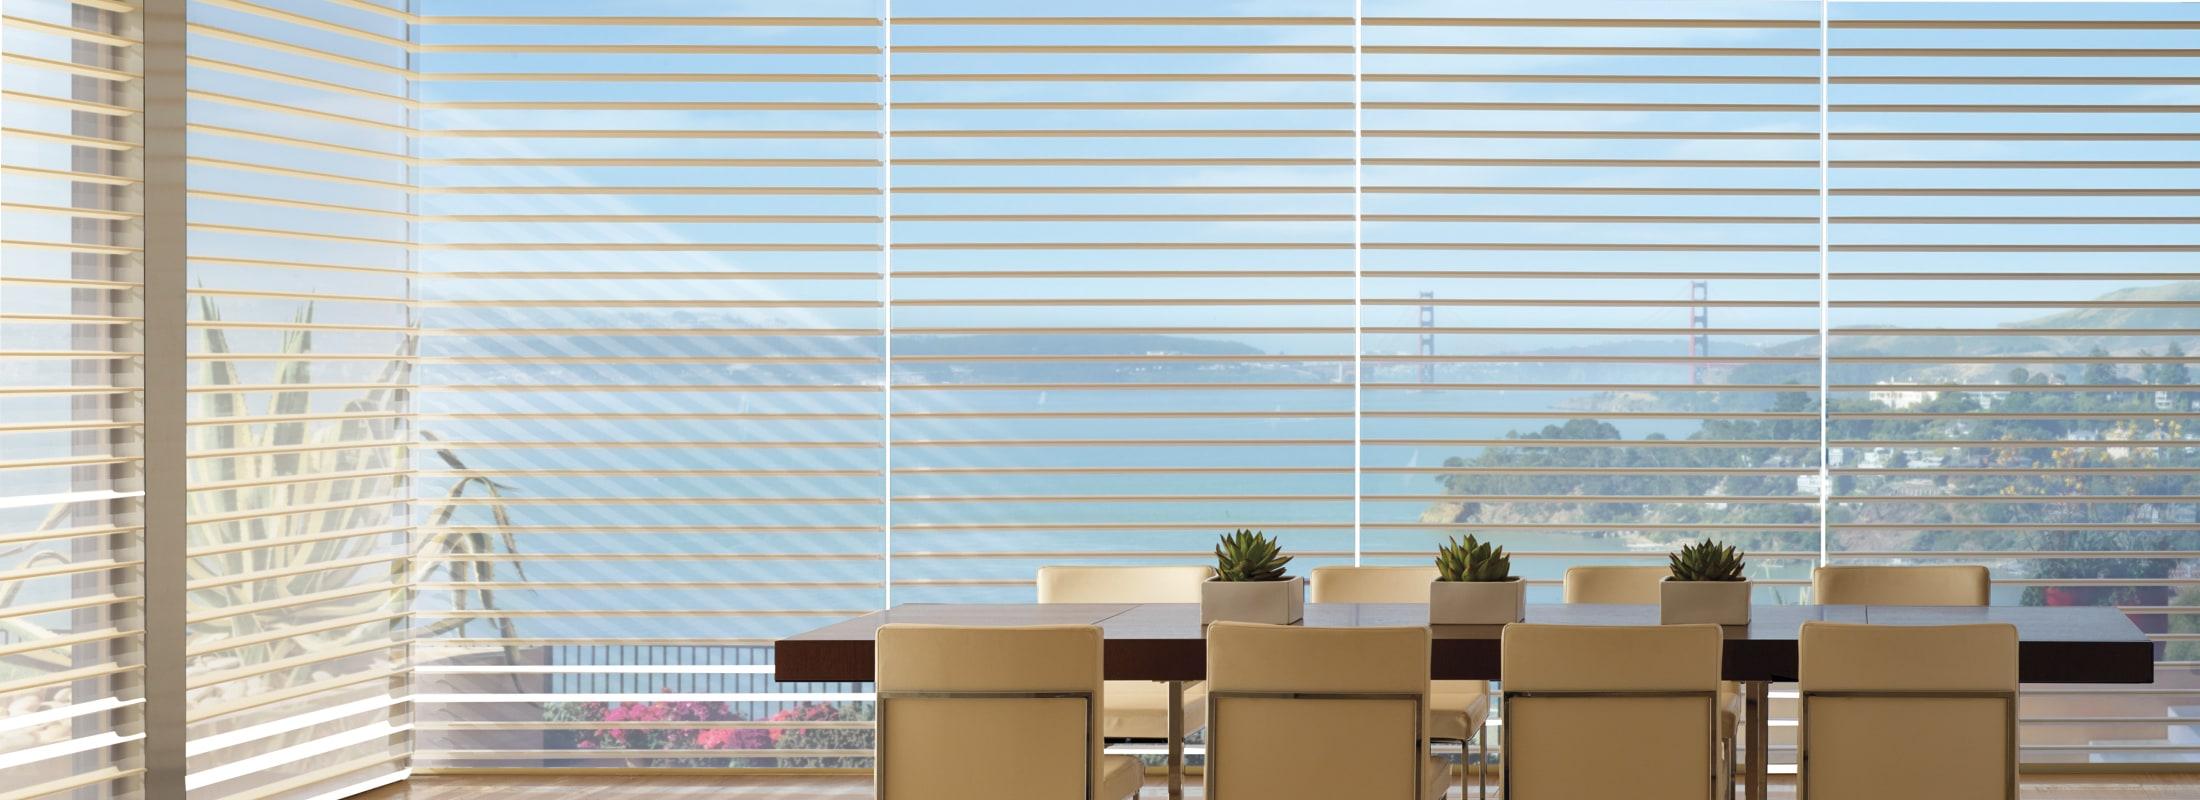 sheer-blinds-silhouette-carousel-02_1.jpg